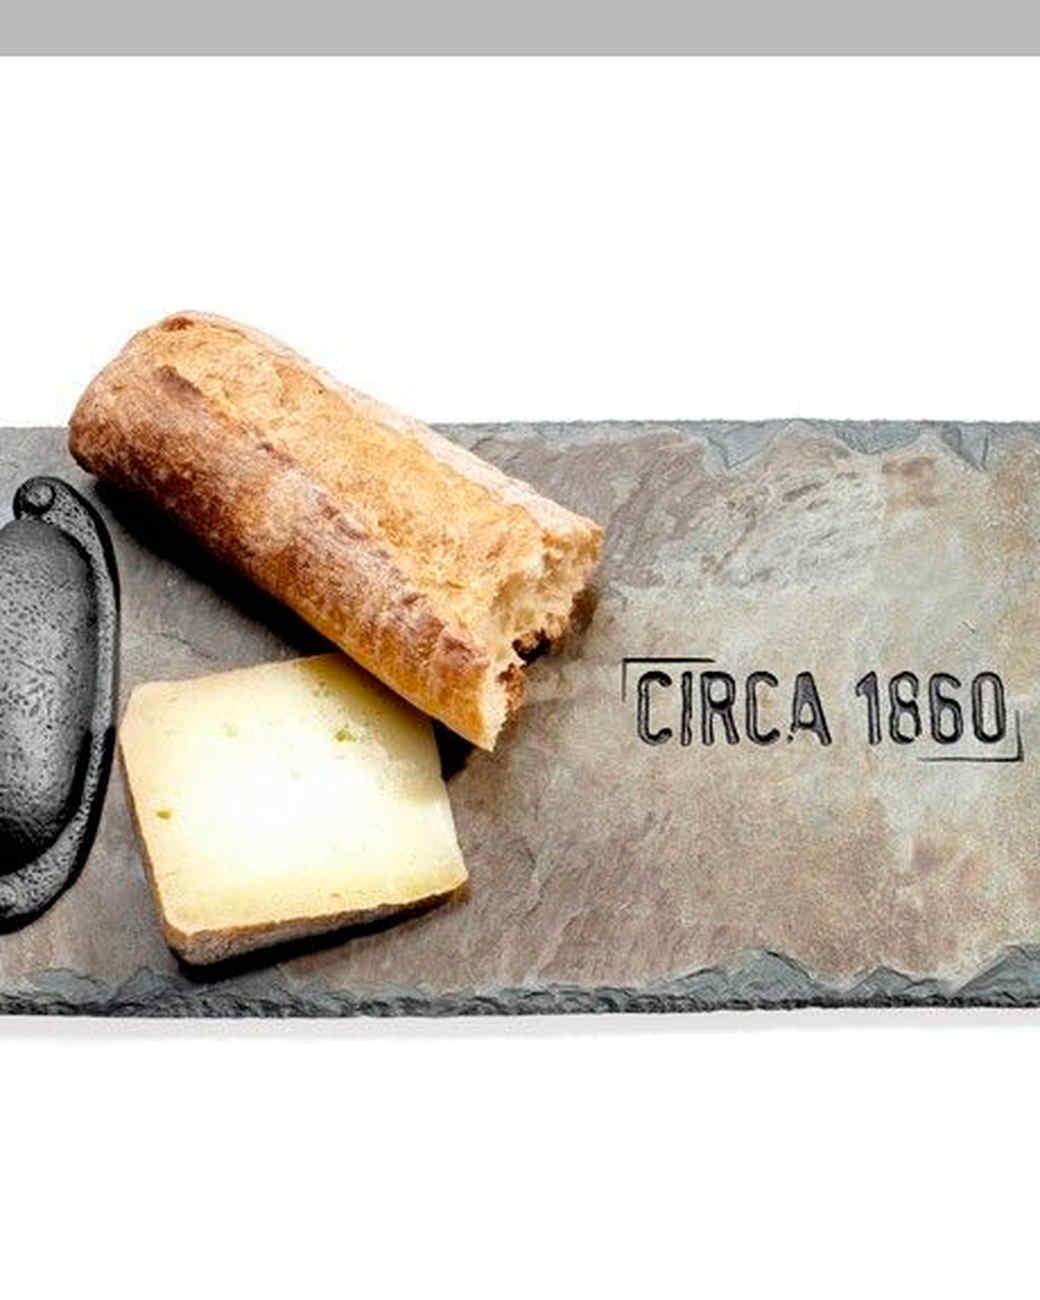 t-michael-studios-reclaimed-slate-bread-tray-1412.jpg